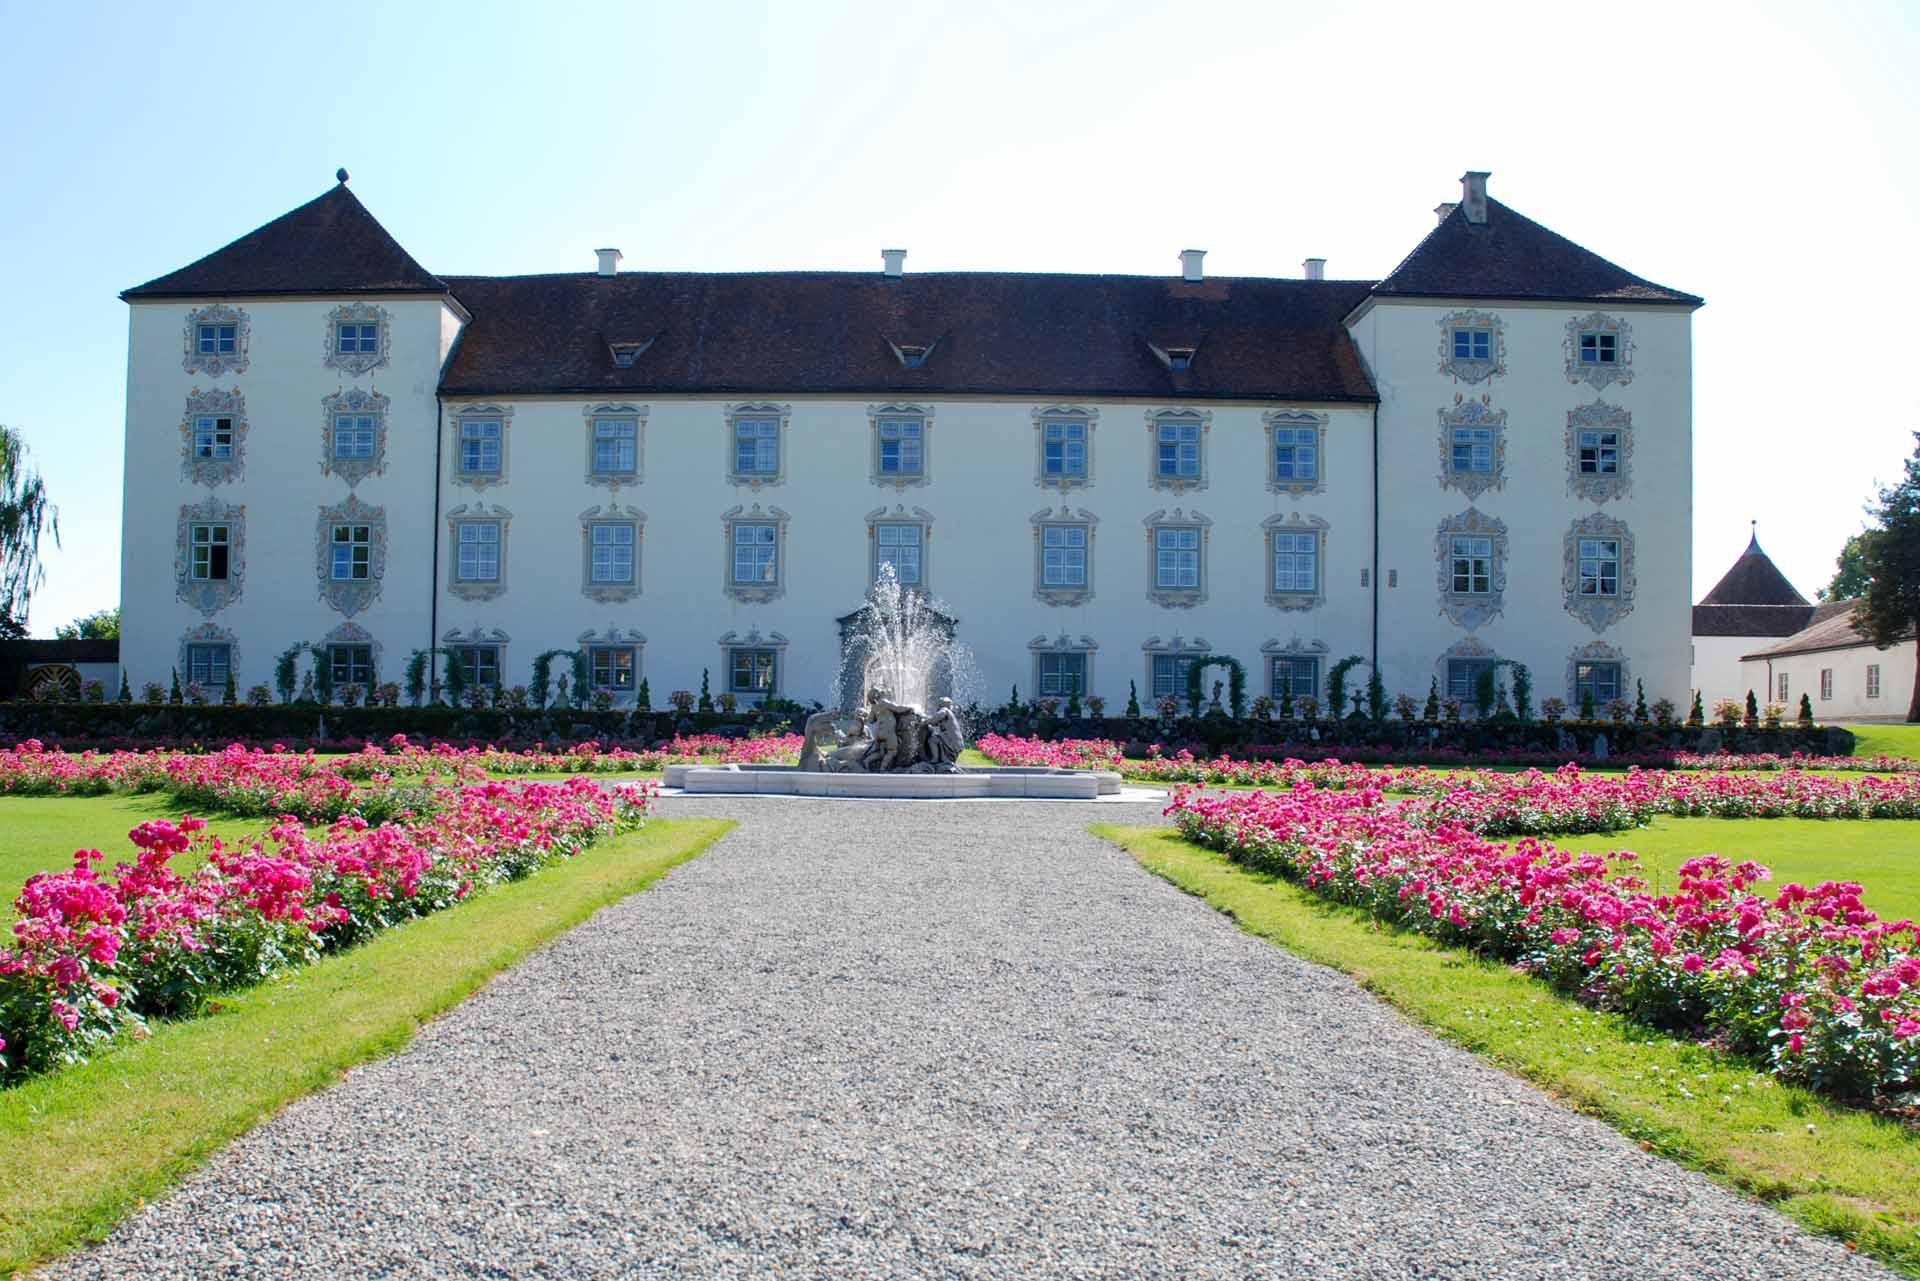 Außenansicht des Schlosses Zeil in Leutkirch